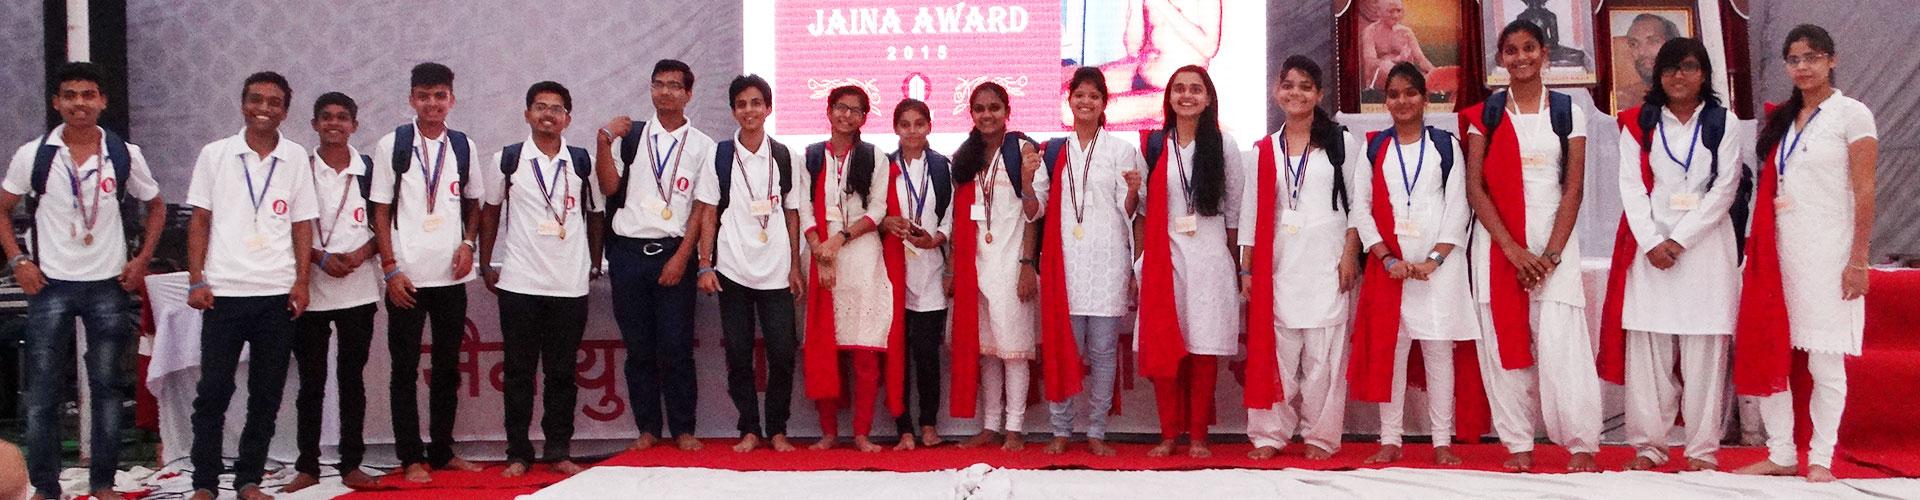 award-banner01